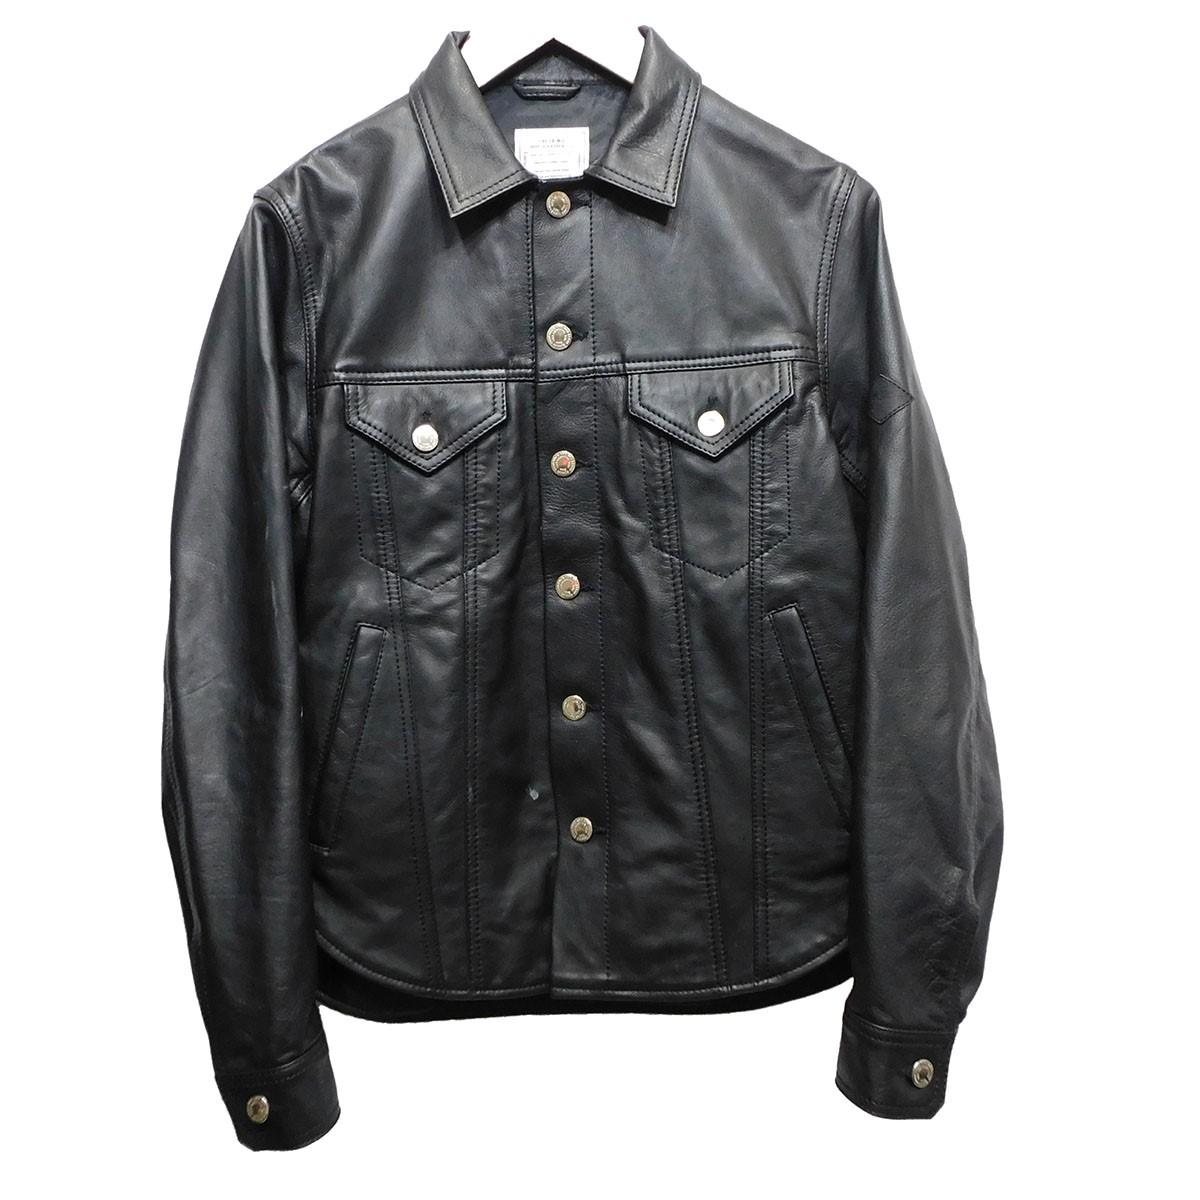 【中古】CRIMIE 「LEATHER BORN FREE SHIRT JACKET」 レザージャケット ブラック サイズ:S 【260620】(クライミー)